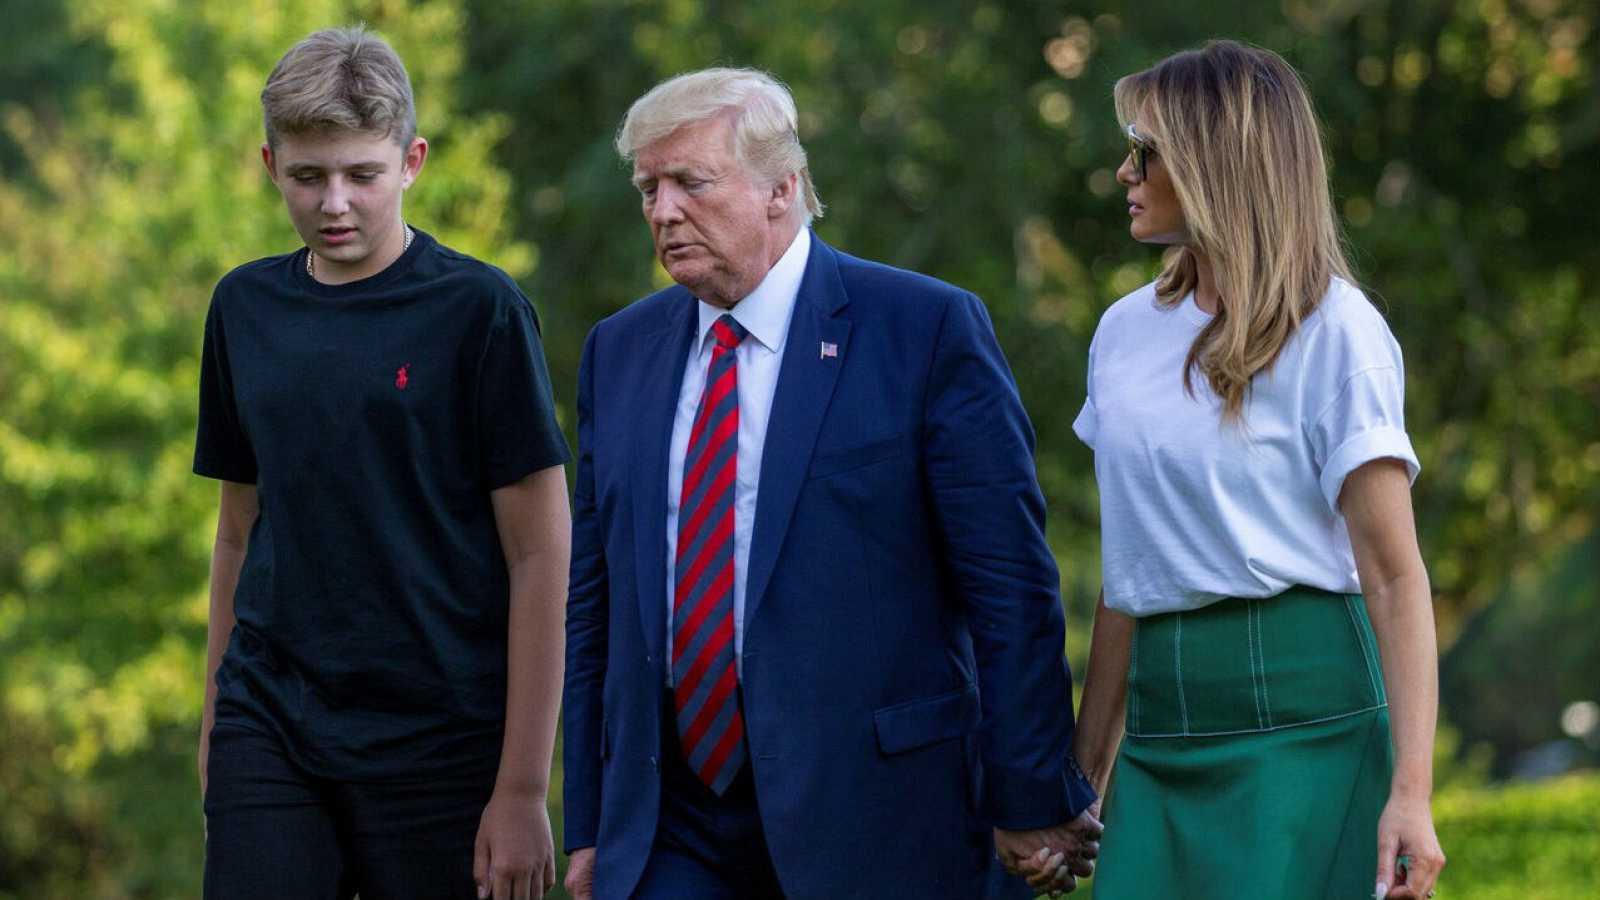 El presidente de Estados Unidos, Donald Trump, camina acompañado por la primera dama Melania Trump y su hijo Barron en los jardines de la Casa Blanca en Washington (EE.UU) en una imagen de archivo.